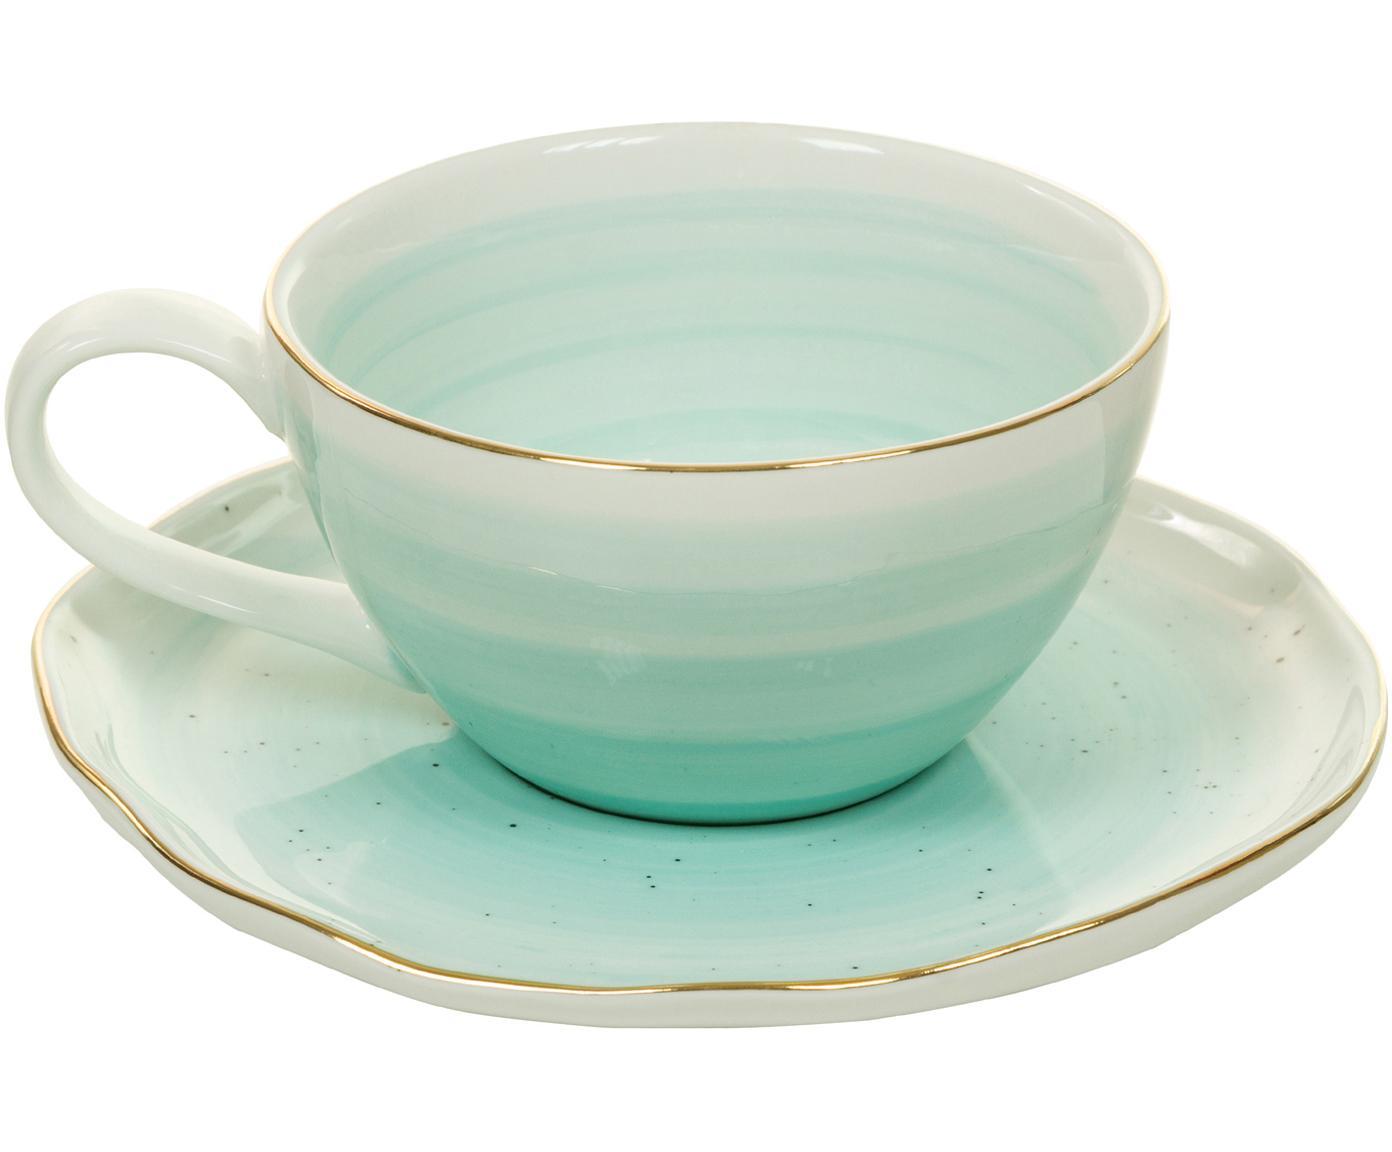 Set de tazas artesanales Bol, 4pzas., Porcelana, Azul turquesa, Ø 10 x Al 6 cm